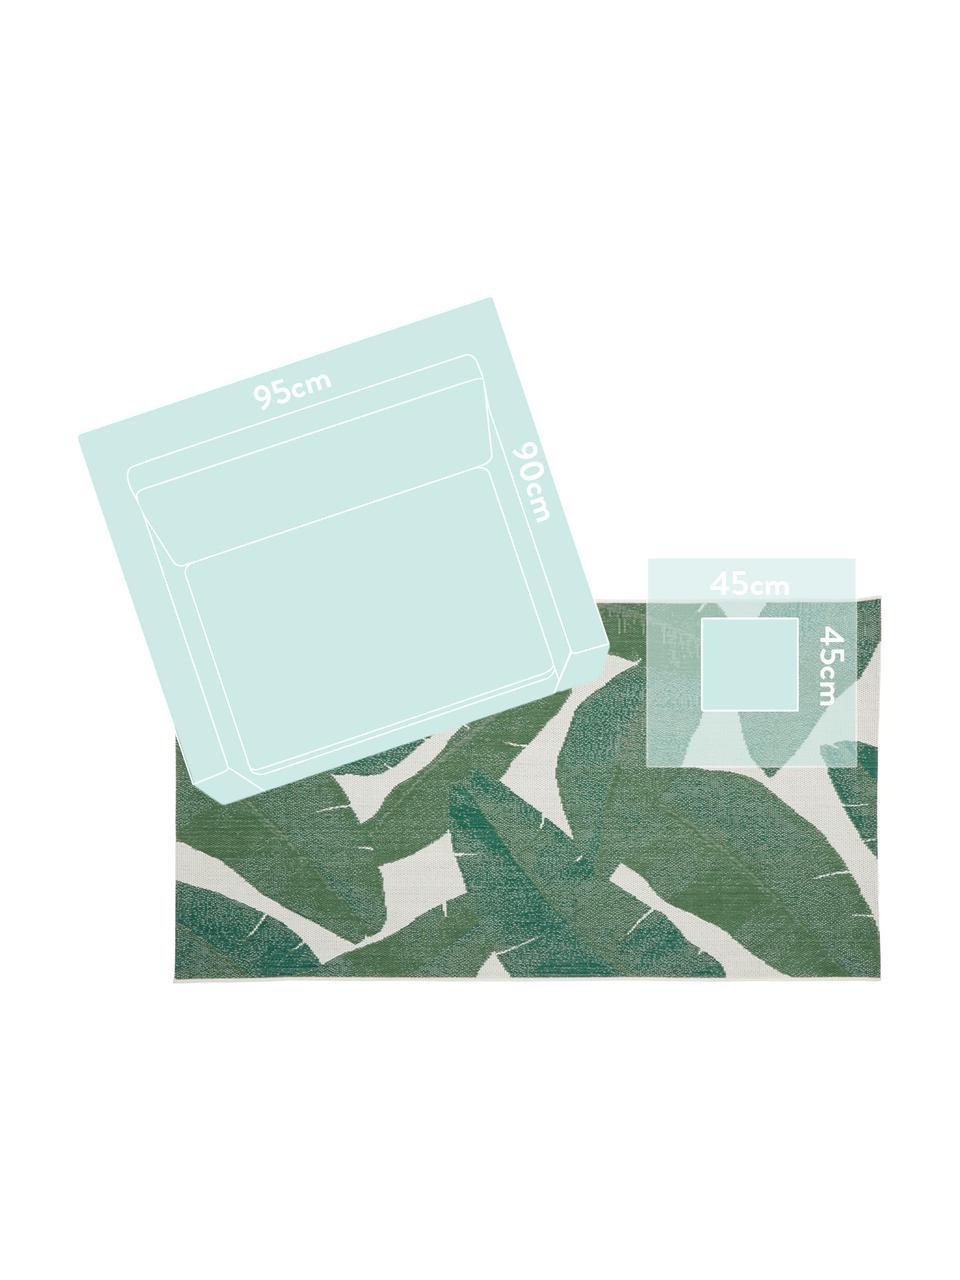 Dywan wewnętrzny/zewnętrzny Jungle, 86% polipropylen, 14% poliester, Kremowobiały, zielony, S 200 x D 290 cm (Rozmiar L)